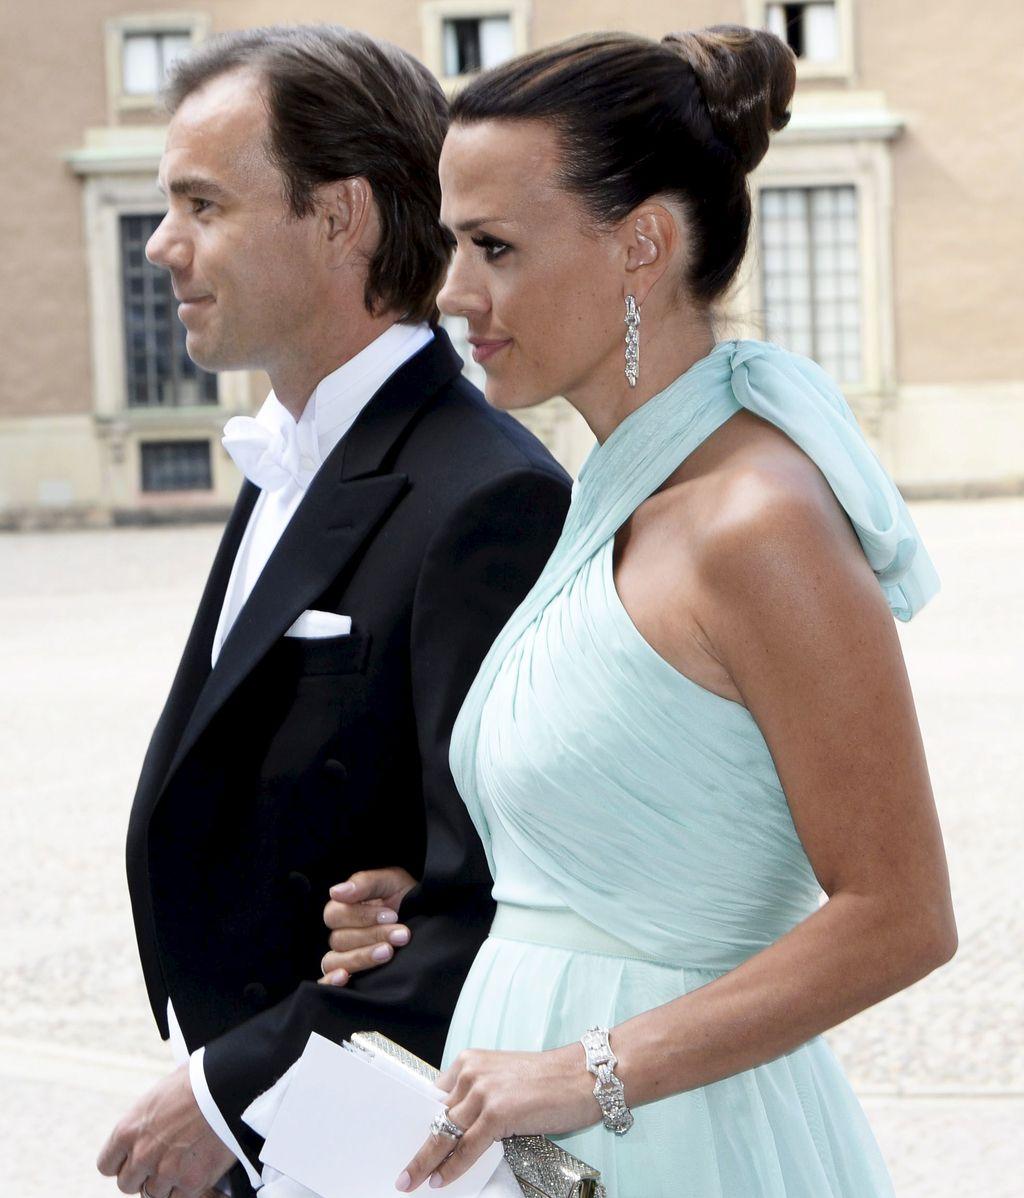 Karl-Johan Persson, CEO de H&M, acudió con su esposa Leonie